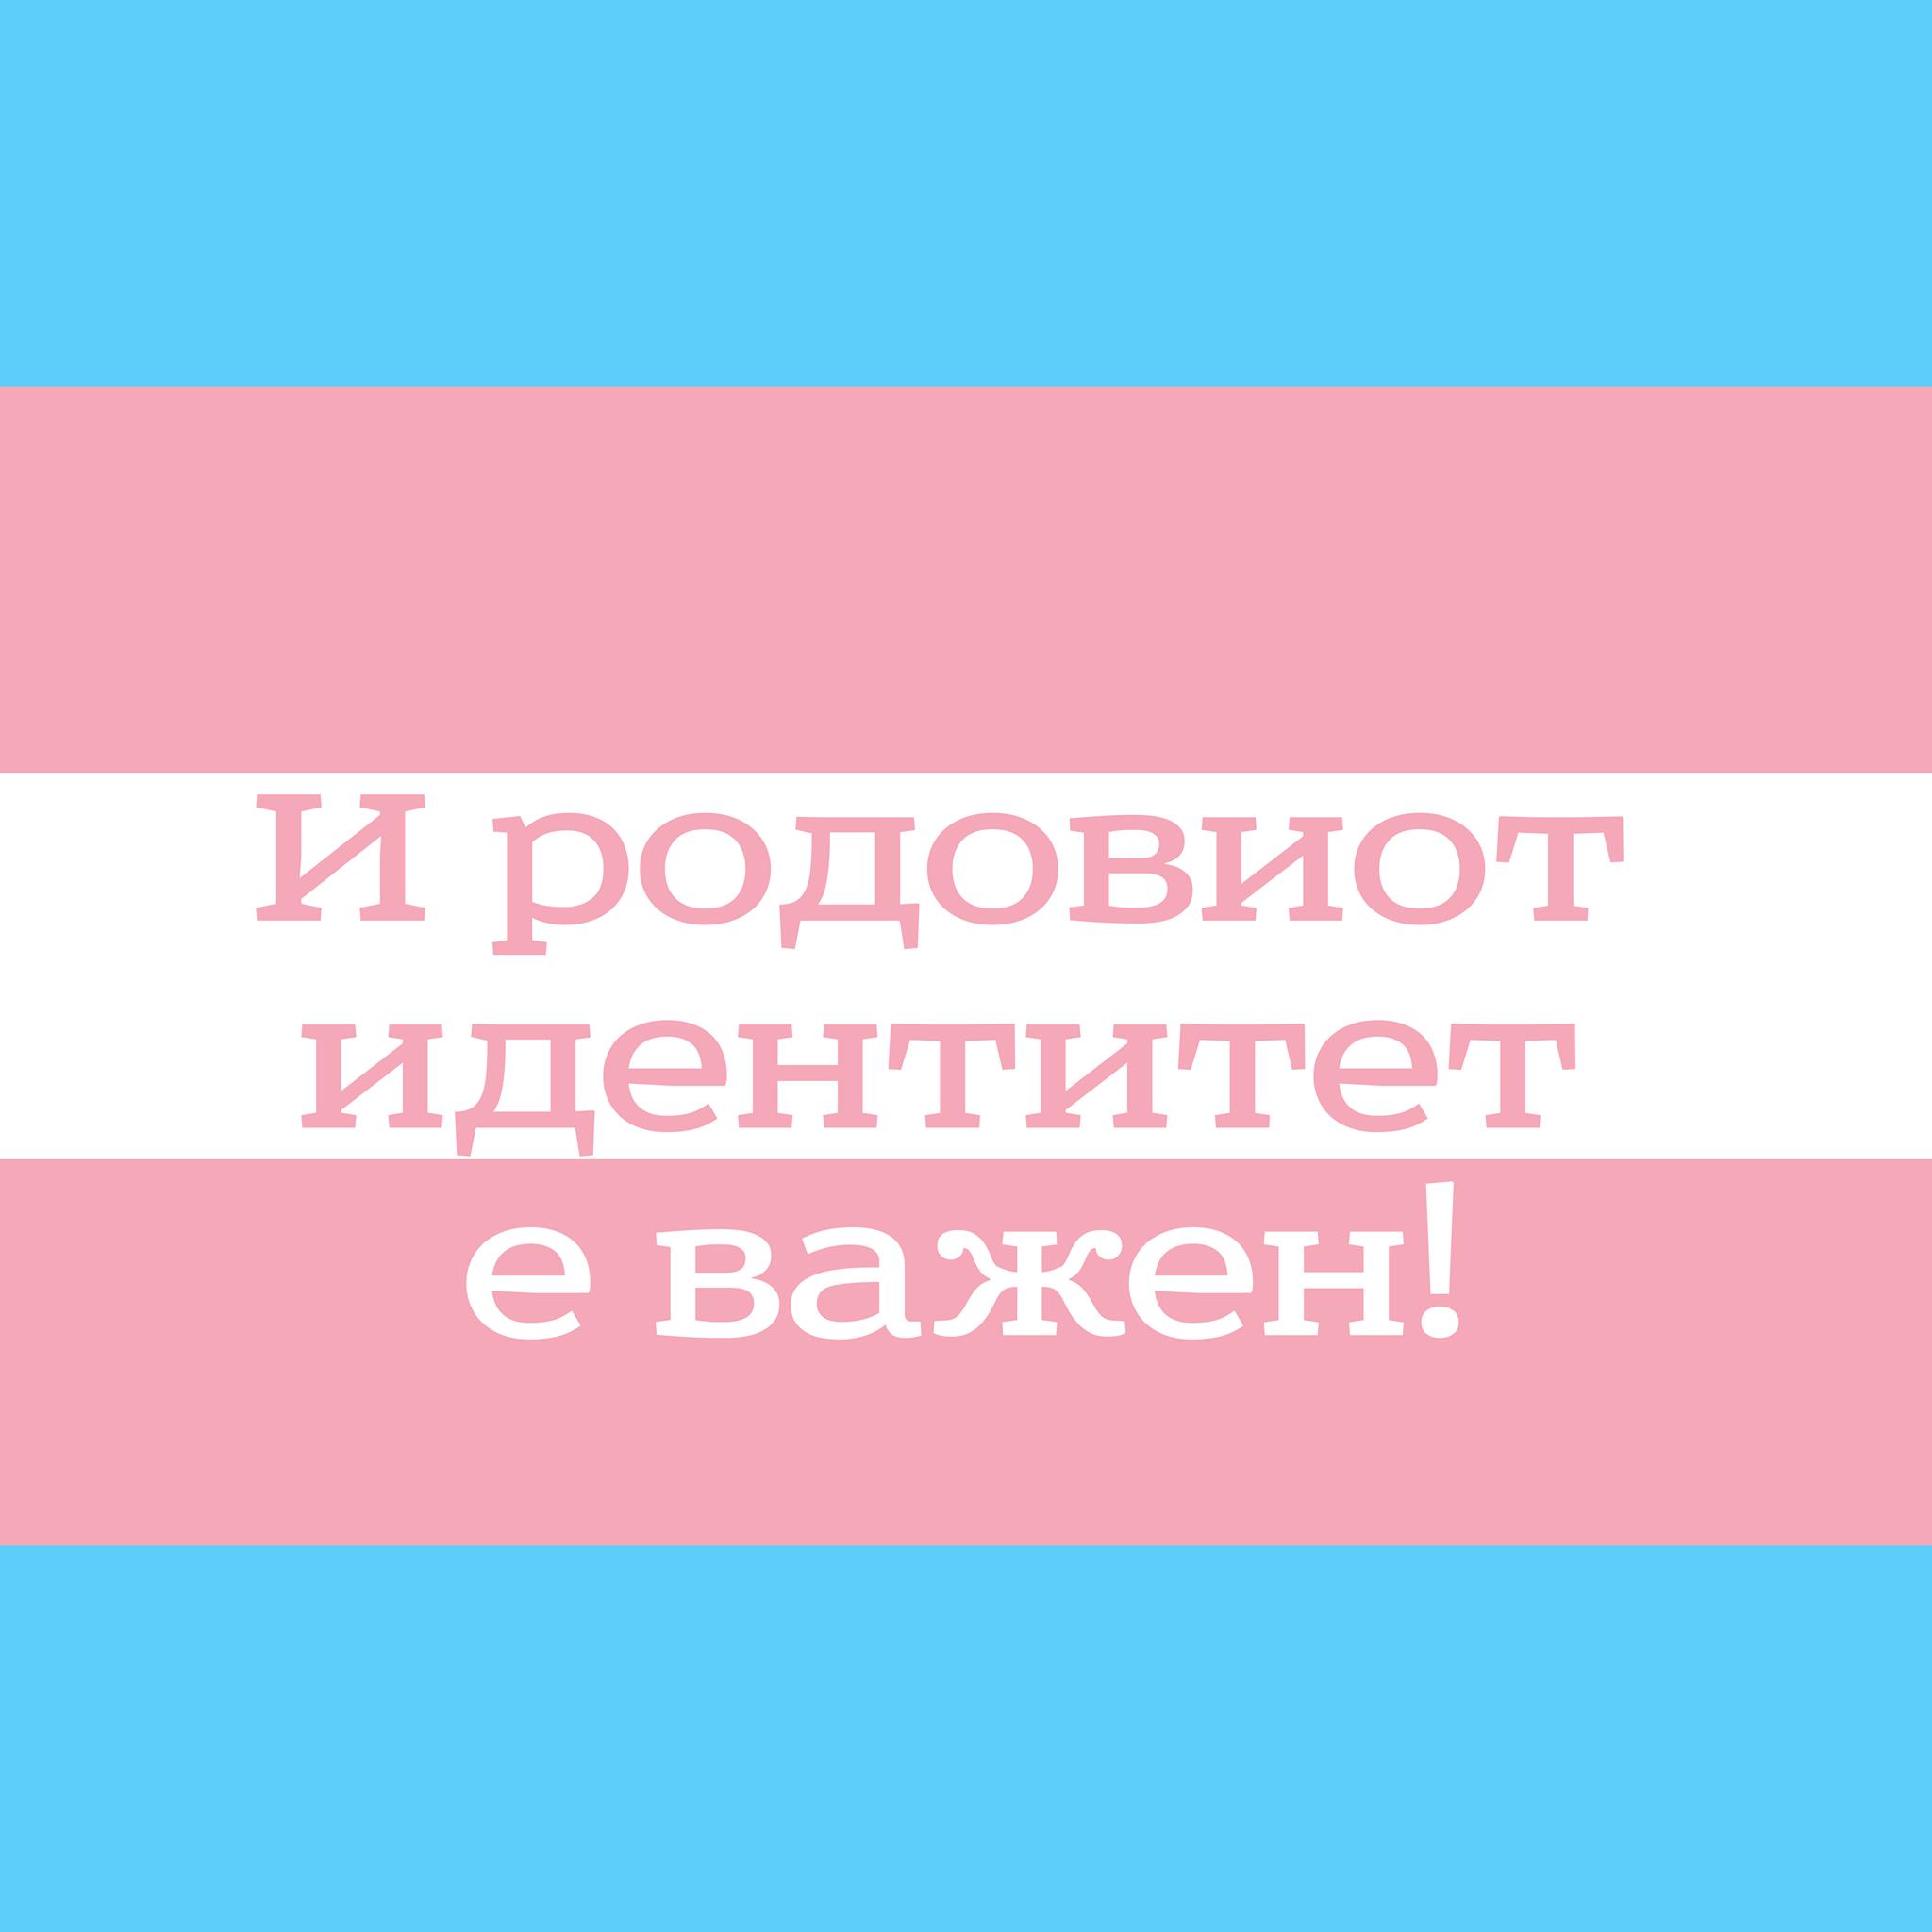 31 март меѓународниот ден на видливоста на трансродовите лица